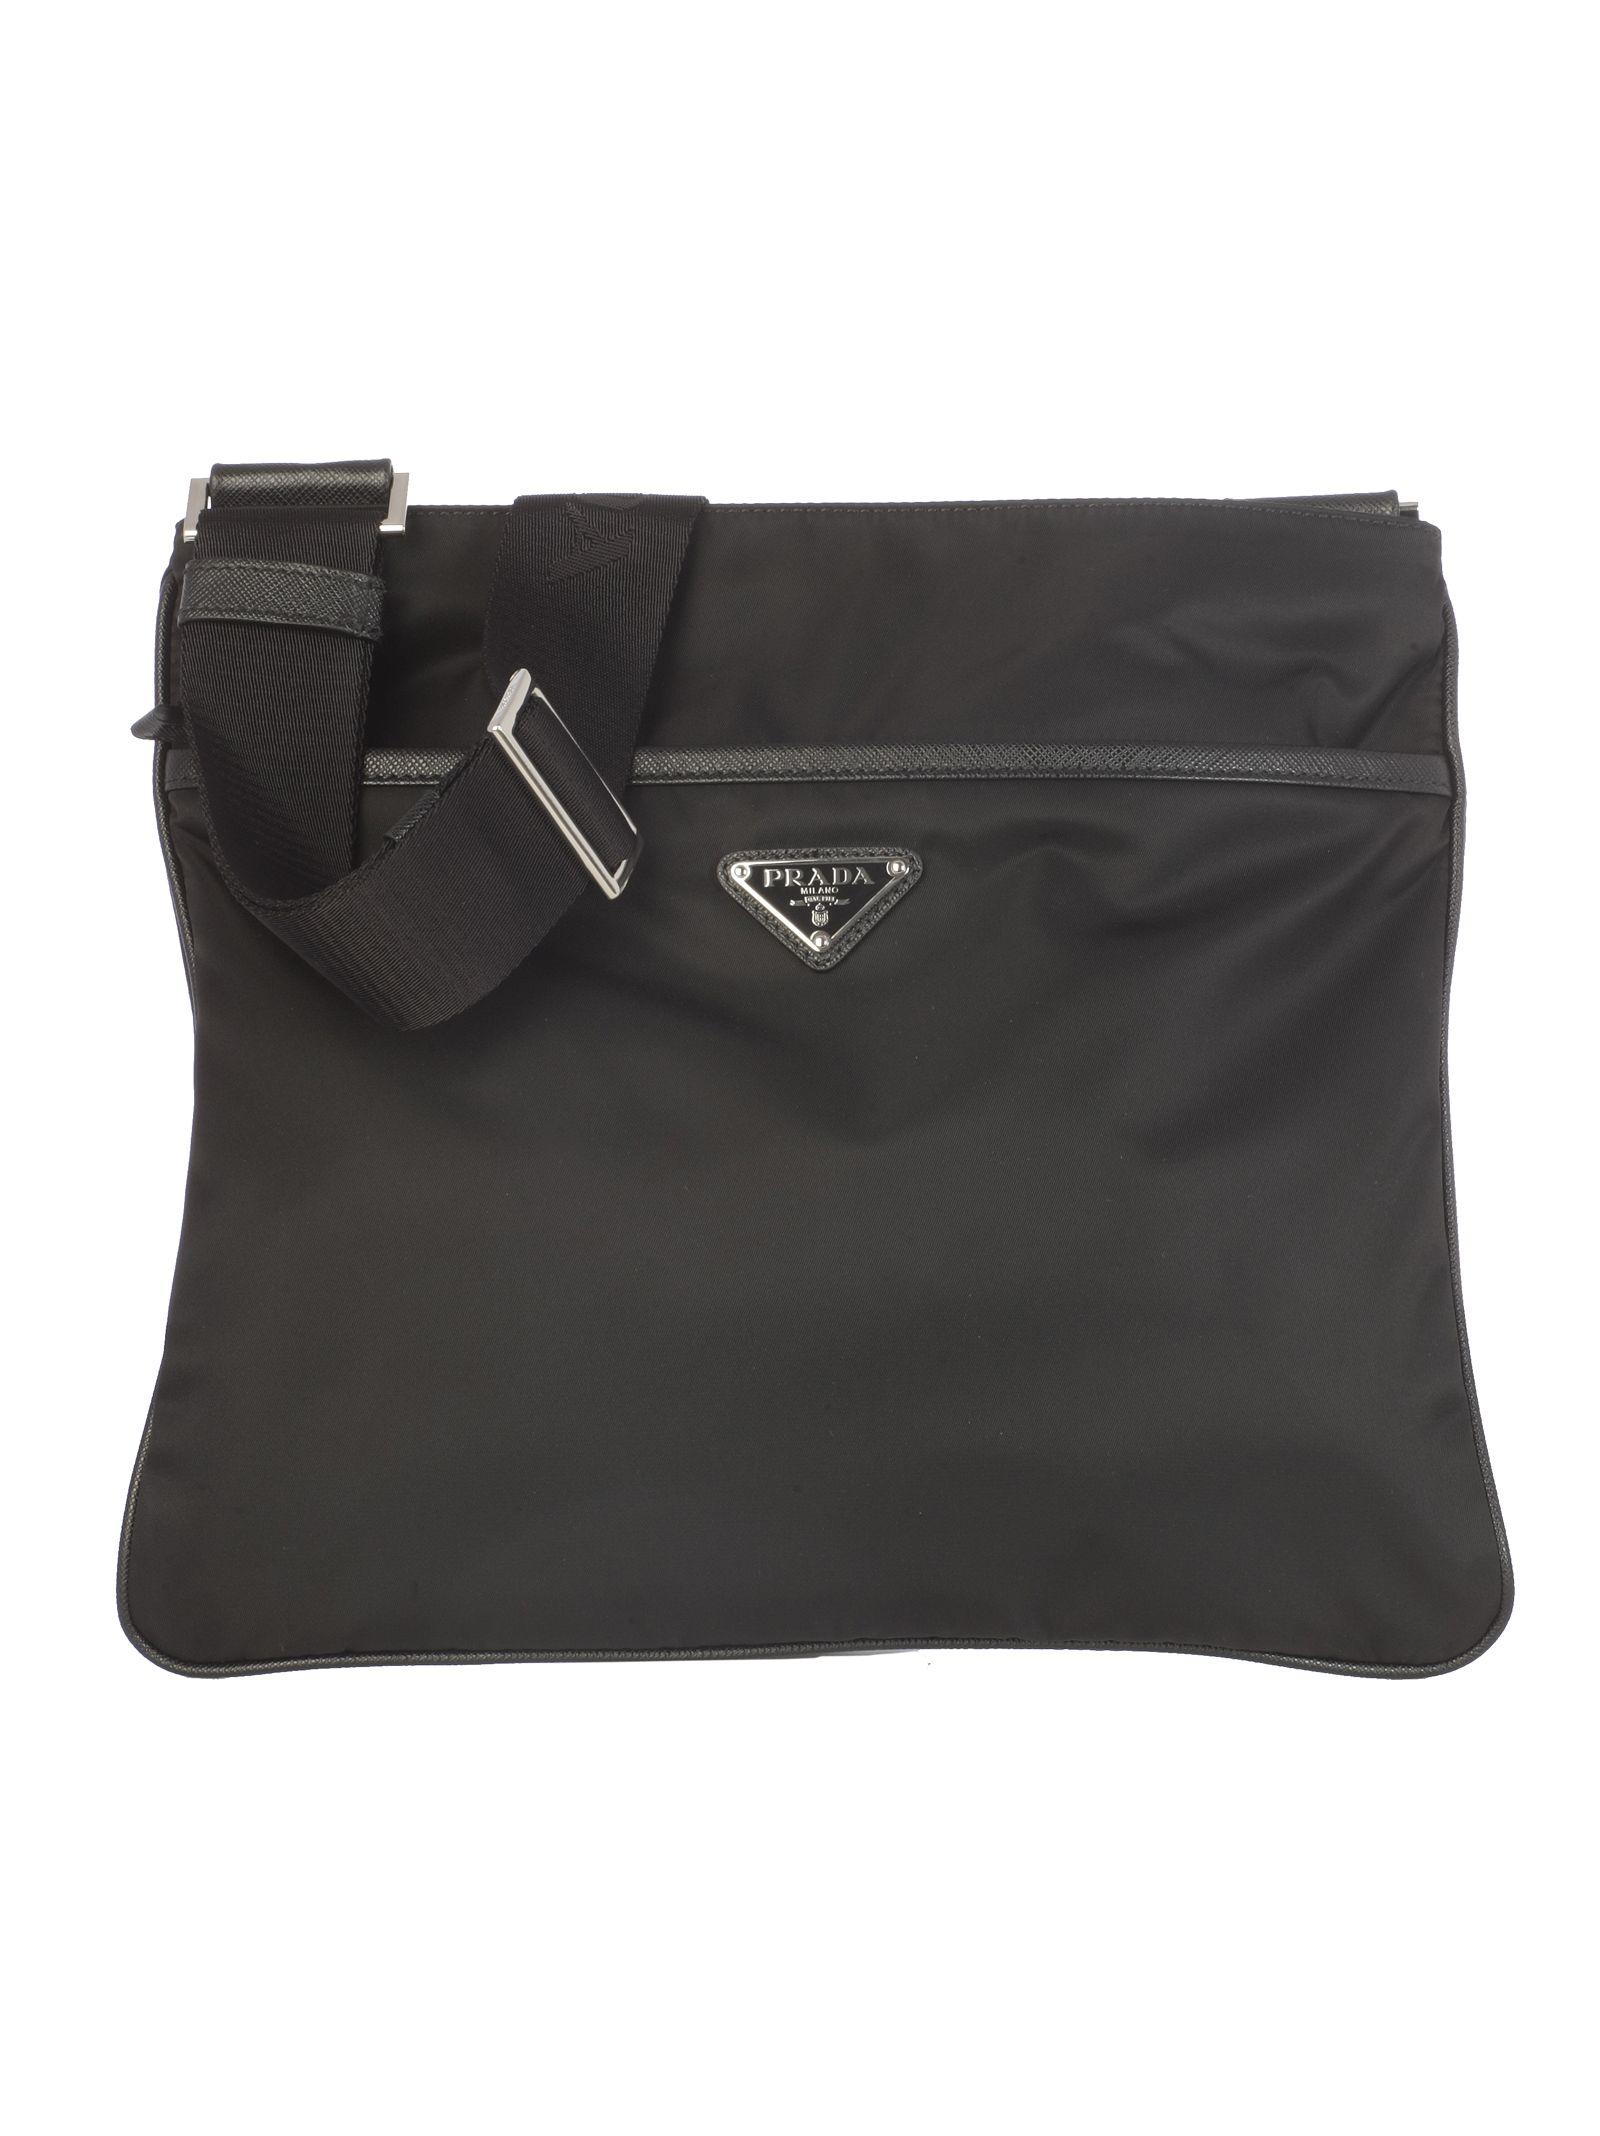 4d92777450e9 Prada Prada Logo Plaque Shoulder Bag - Black - 10770081 | italist